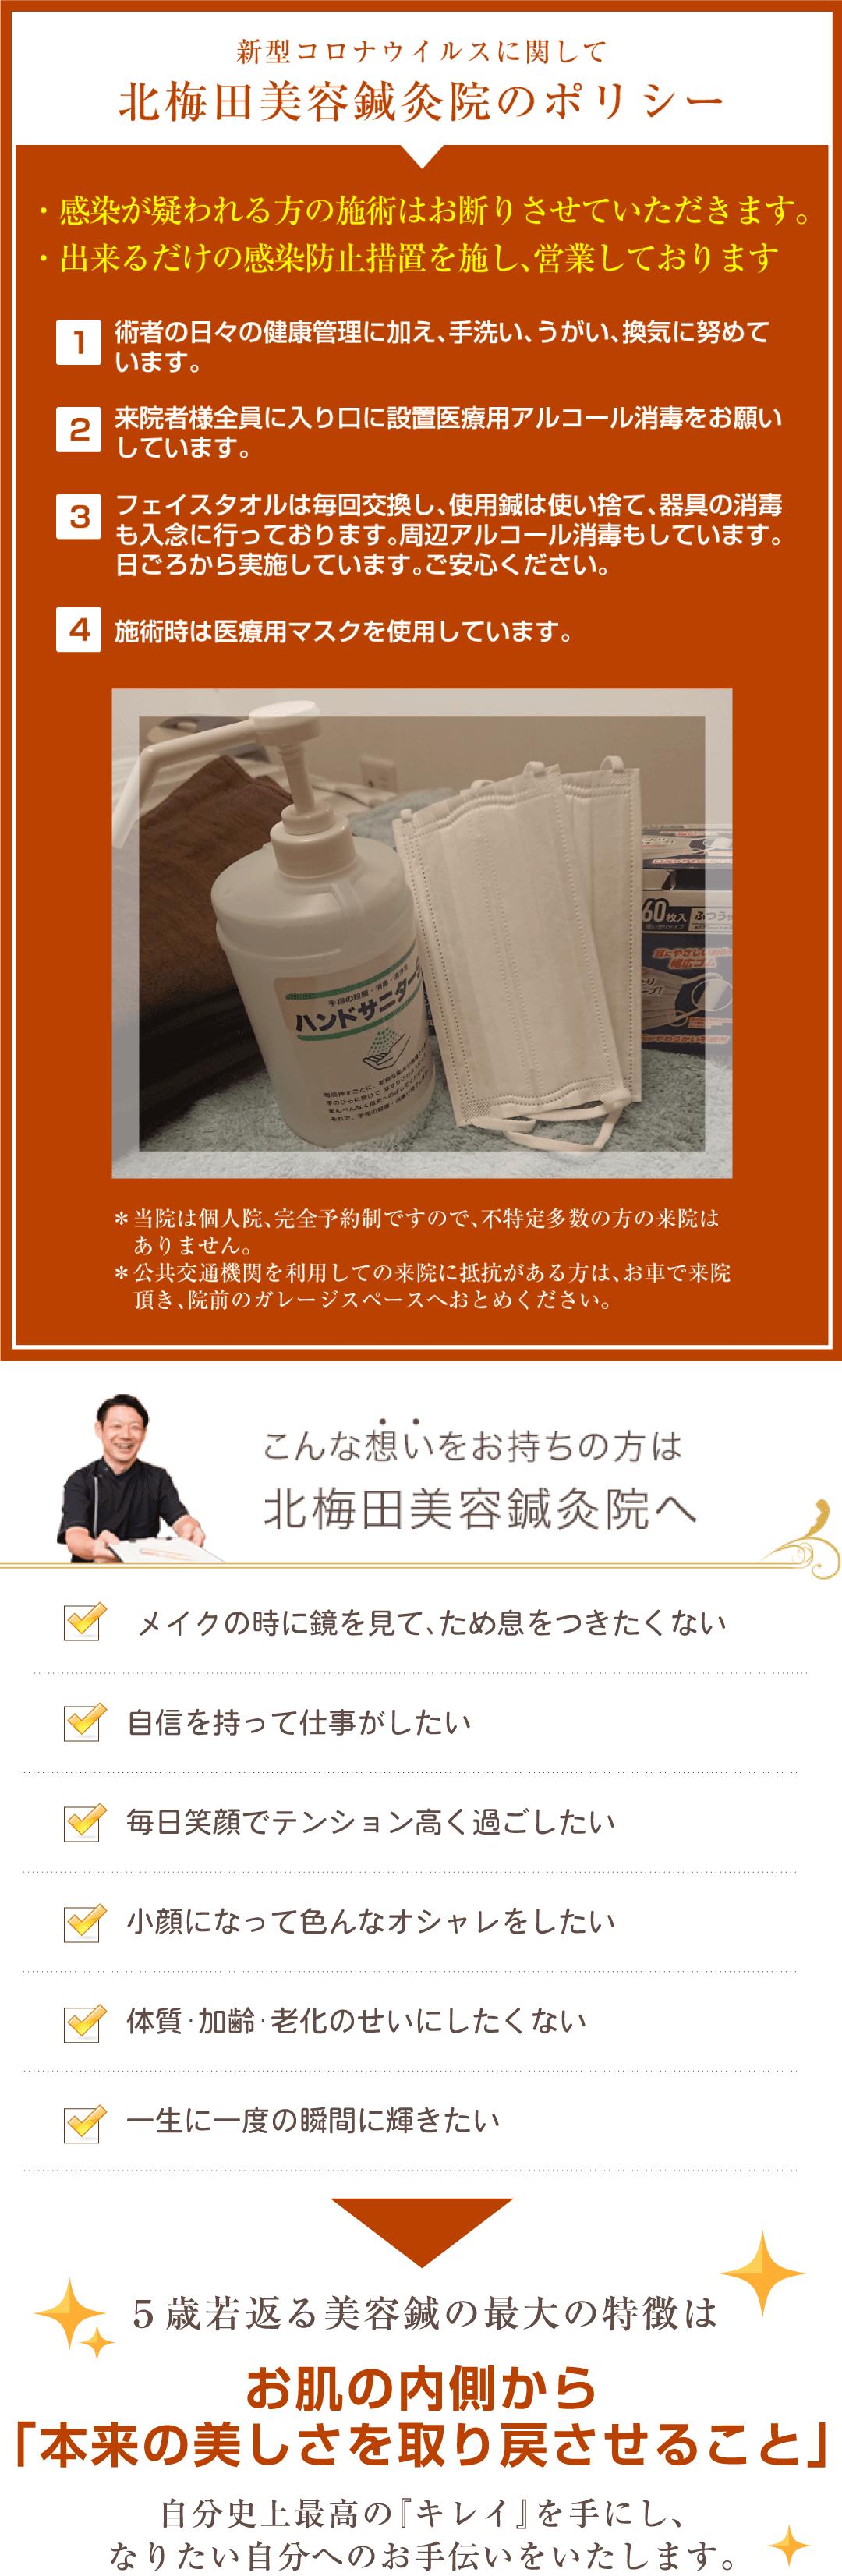 北梅田美容鍼灸院の新型コロナウイルス対策と特徴